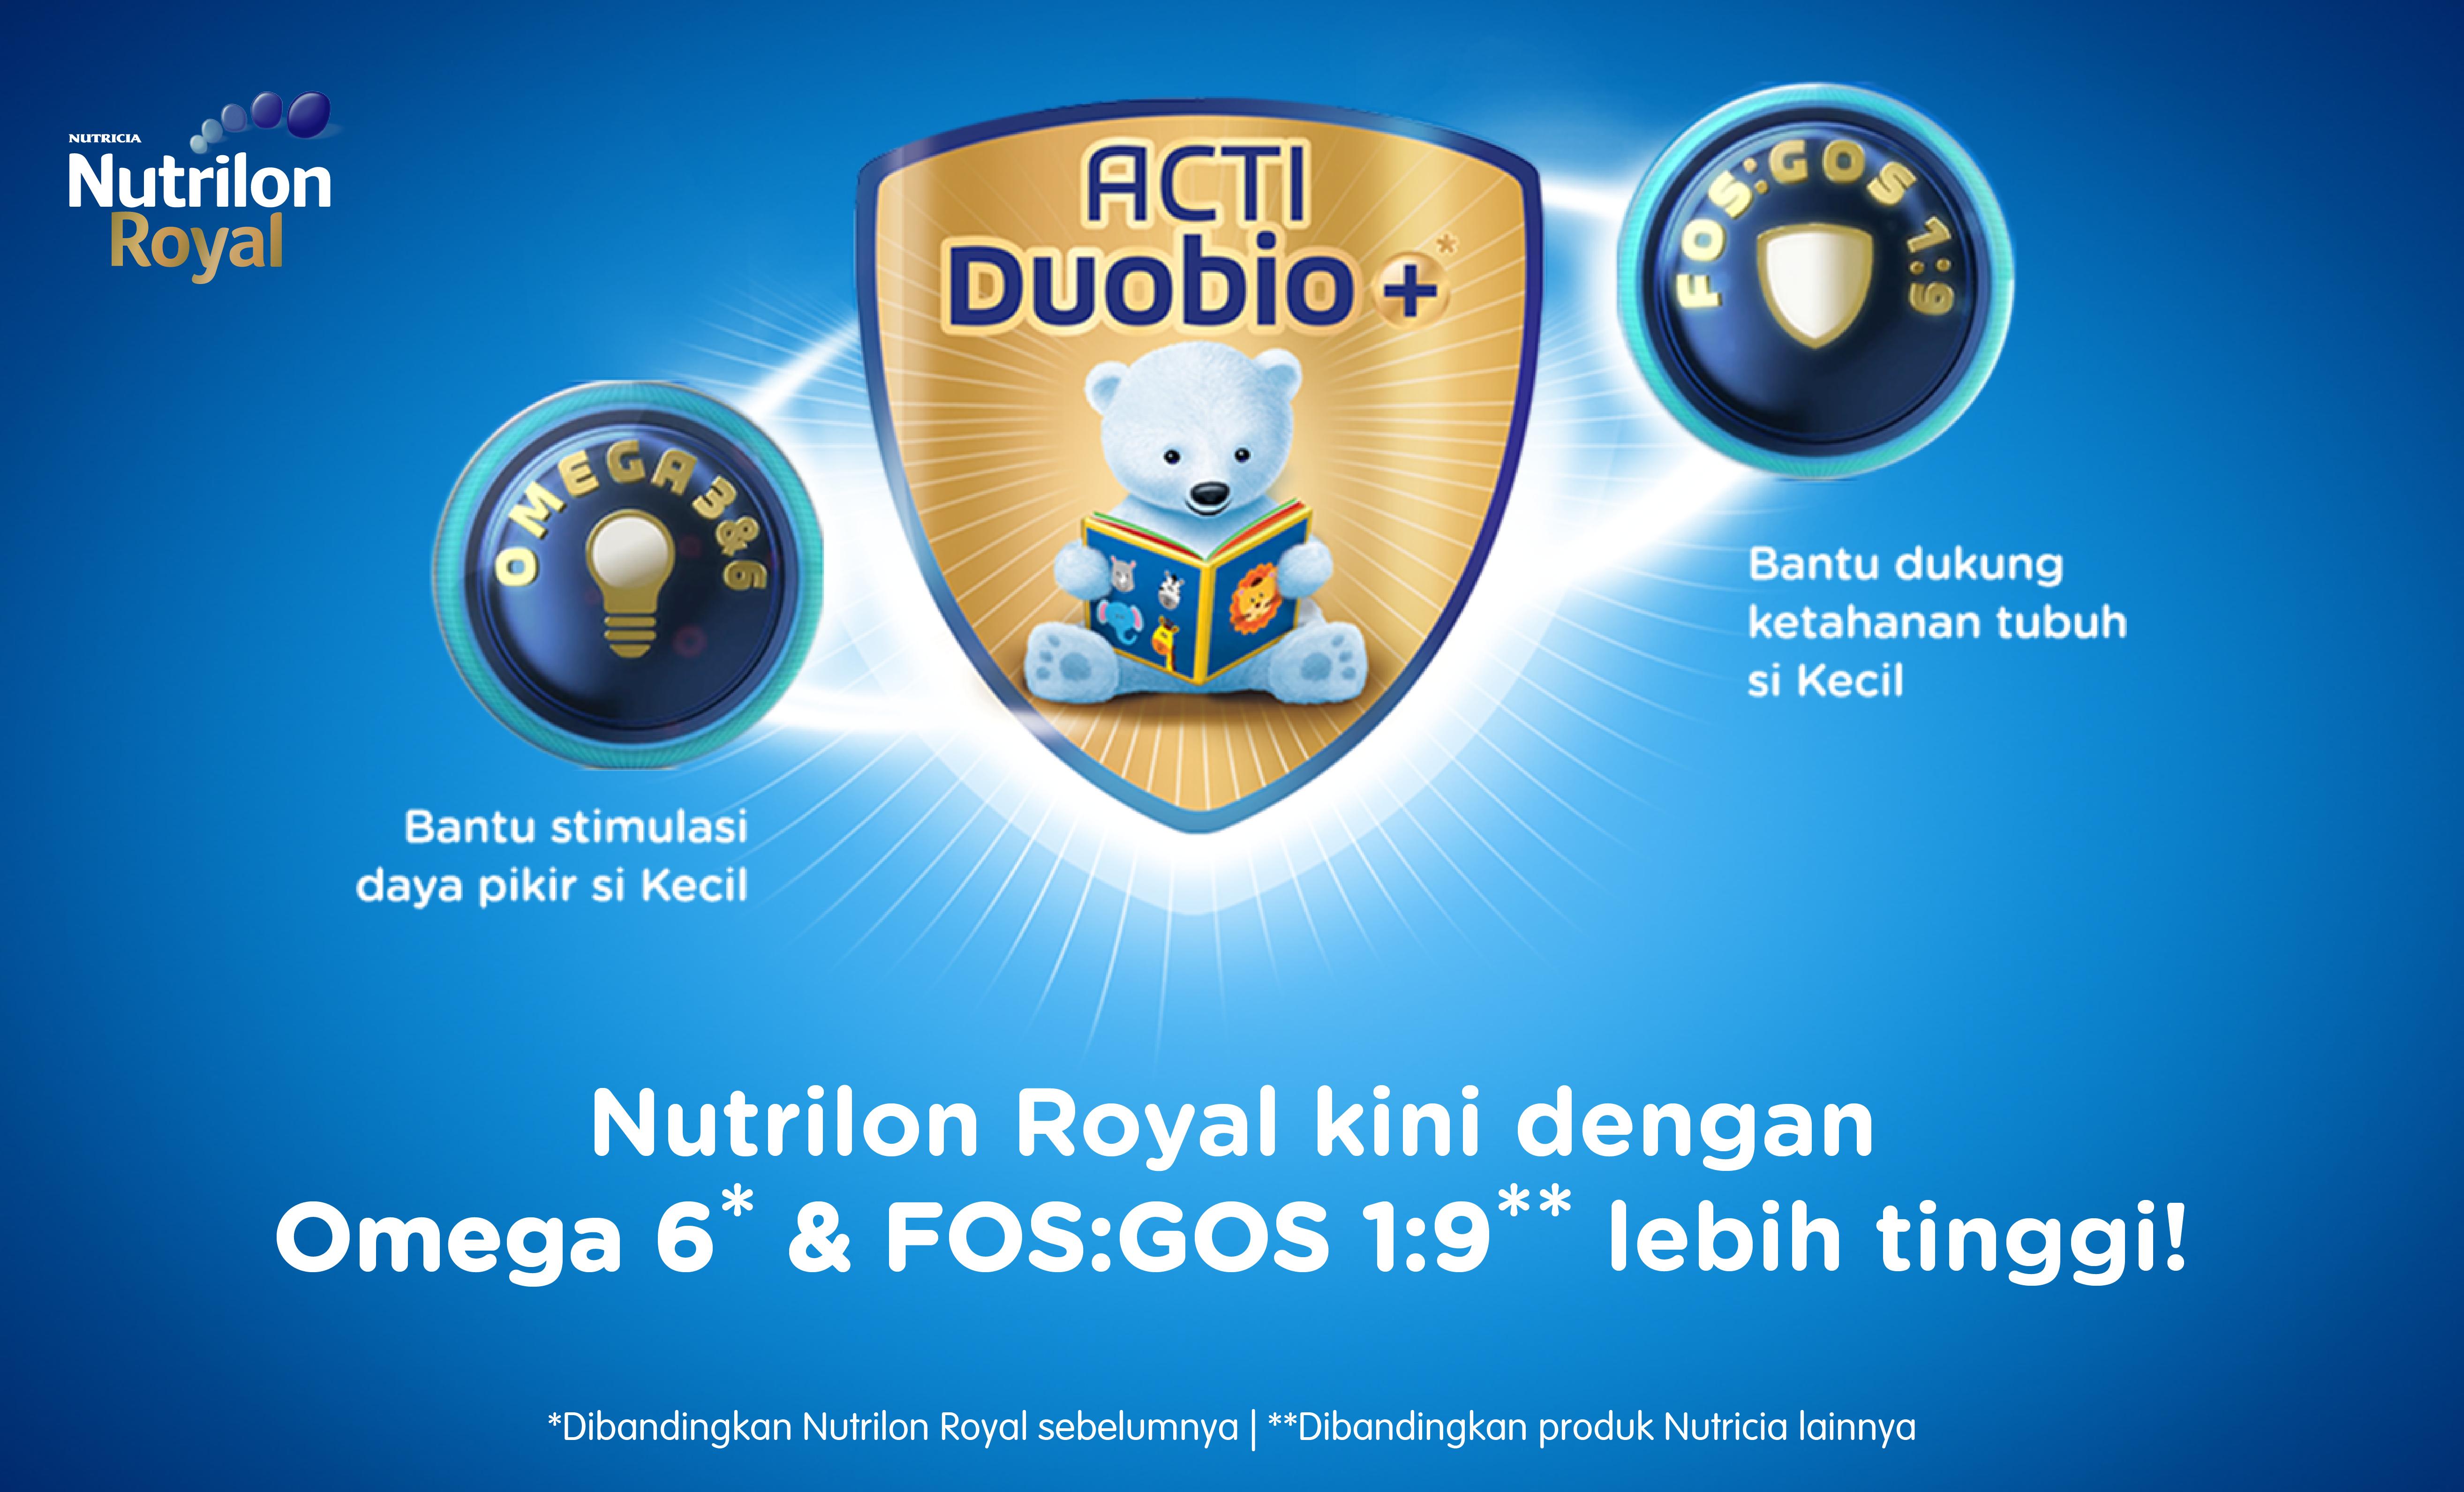 Detail produk dari Nutrilon Royal Actiduobio 3 Susu Pertumbuhan - Madu - 800gr